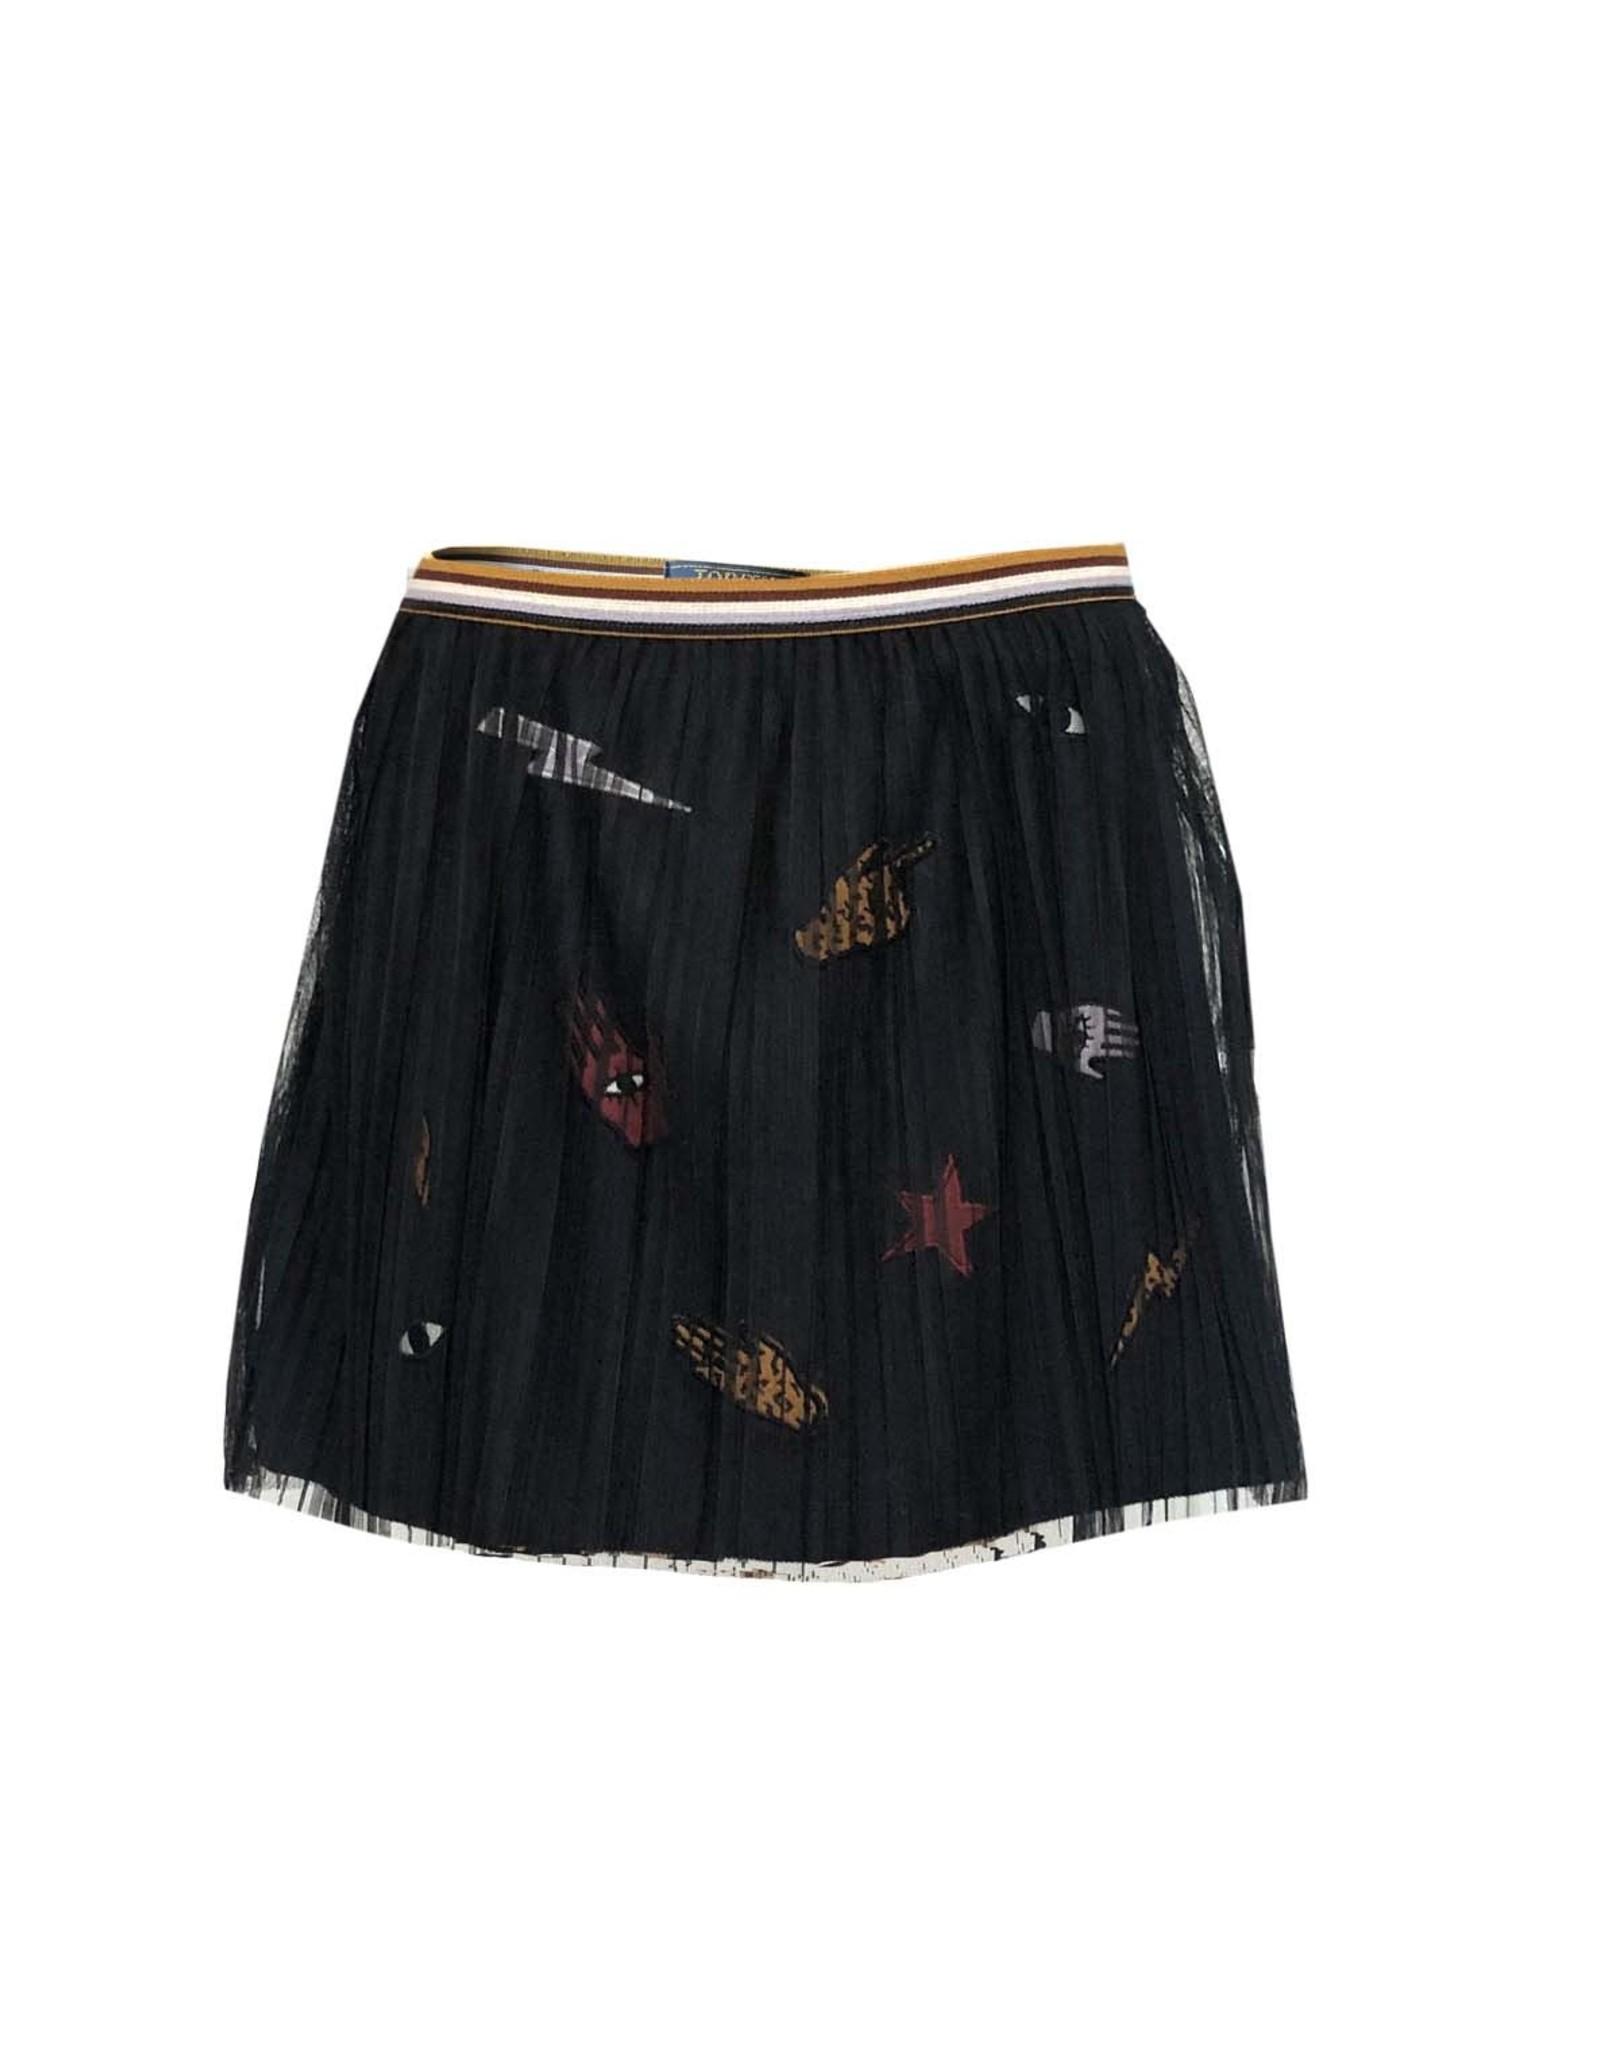 Topitm Bobby Skirt mesh Nearly black/badges